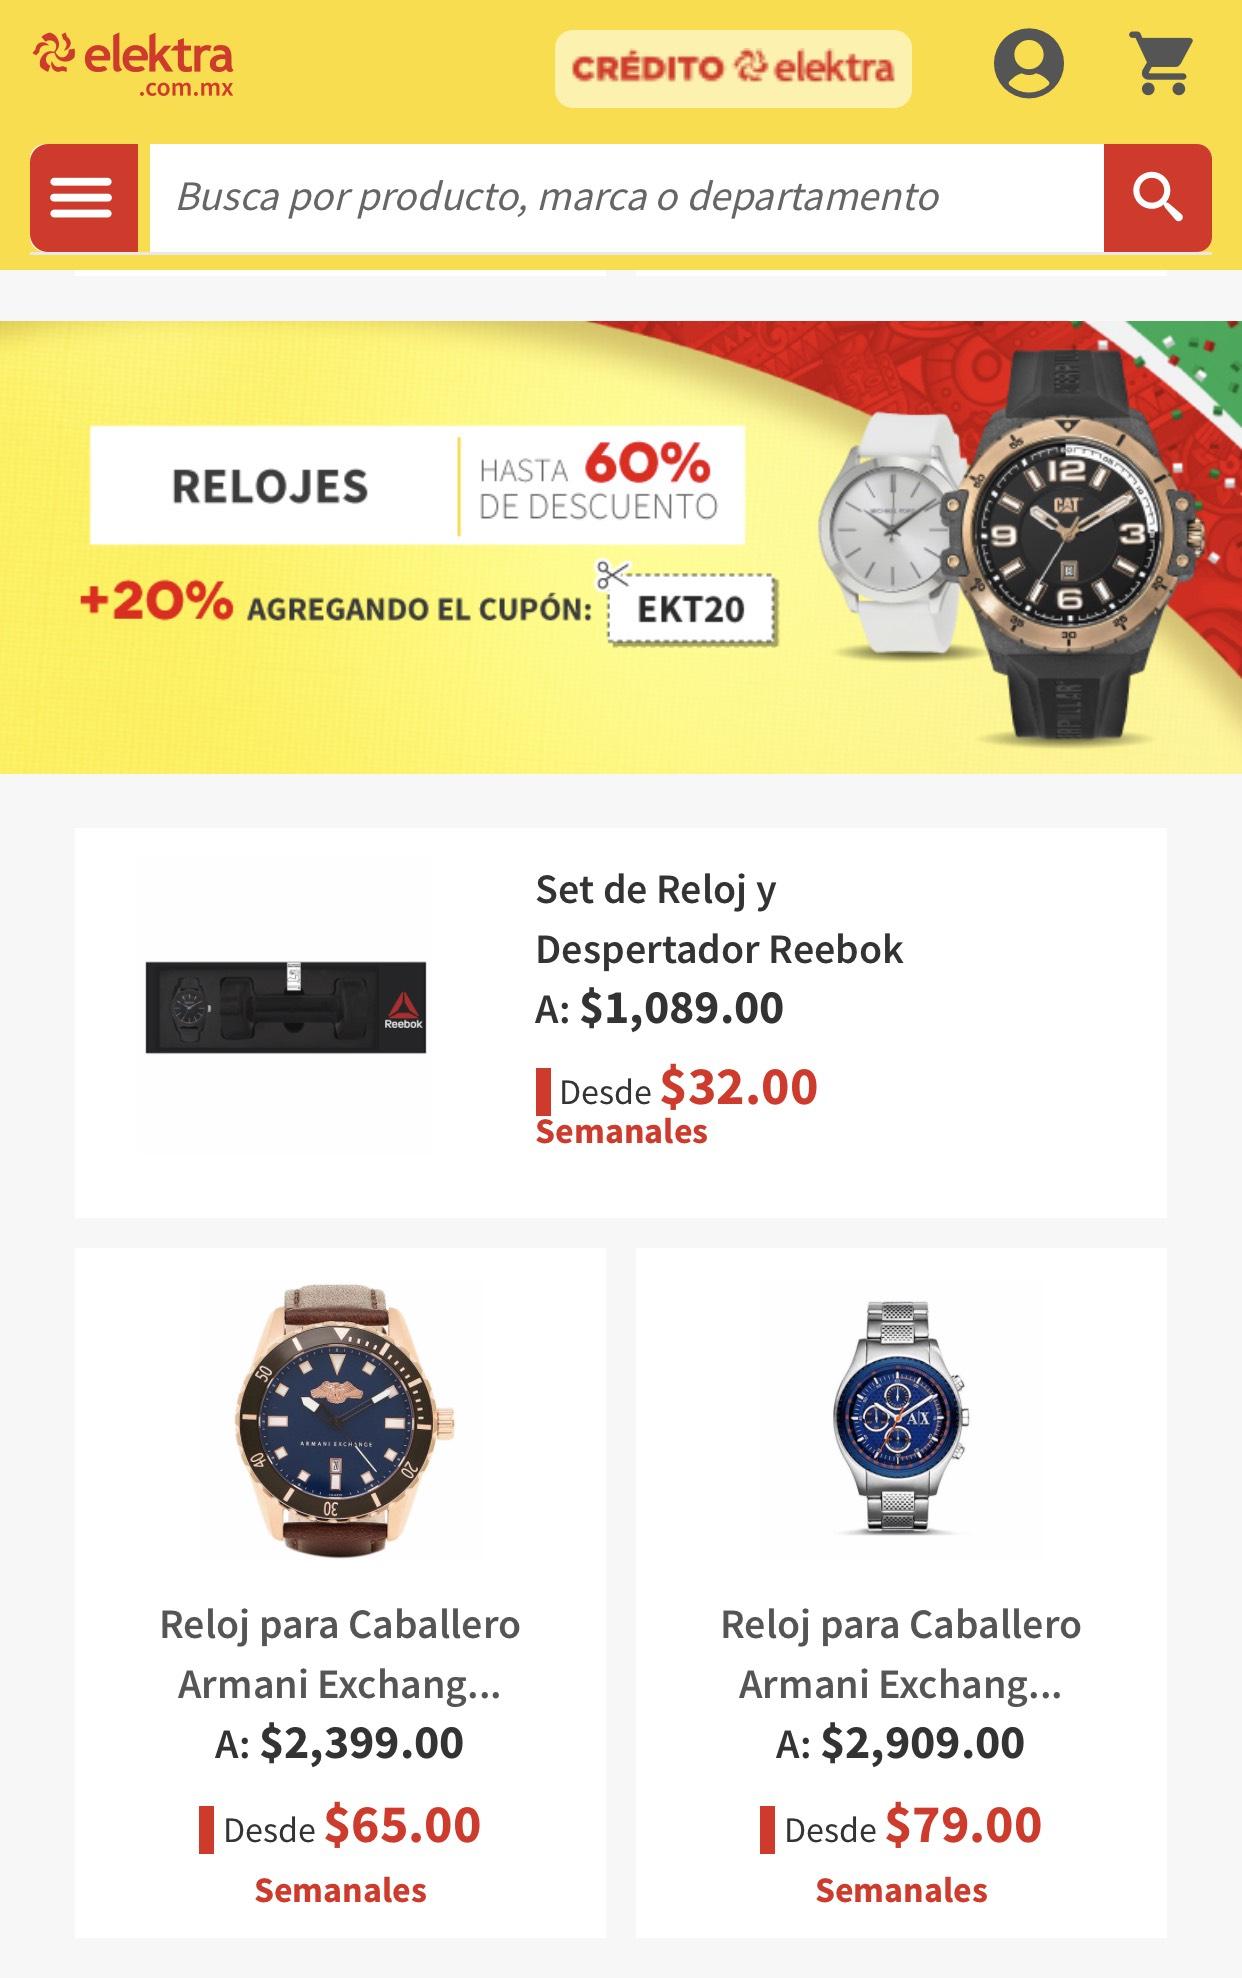 Elektra: Relojes hasta 60% de descuento + cupón del 20%